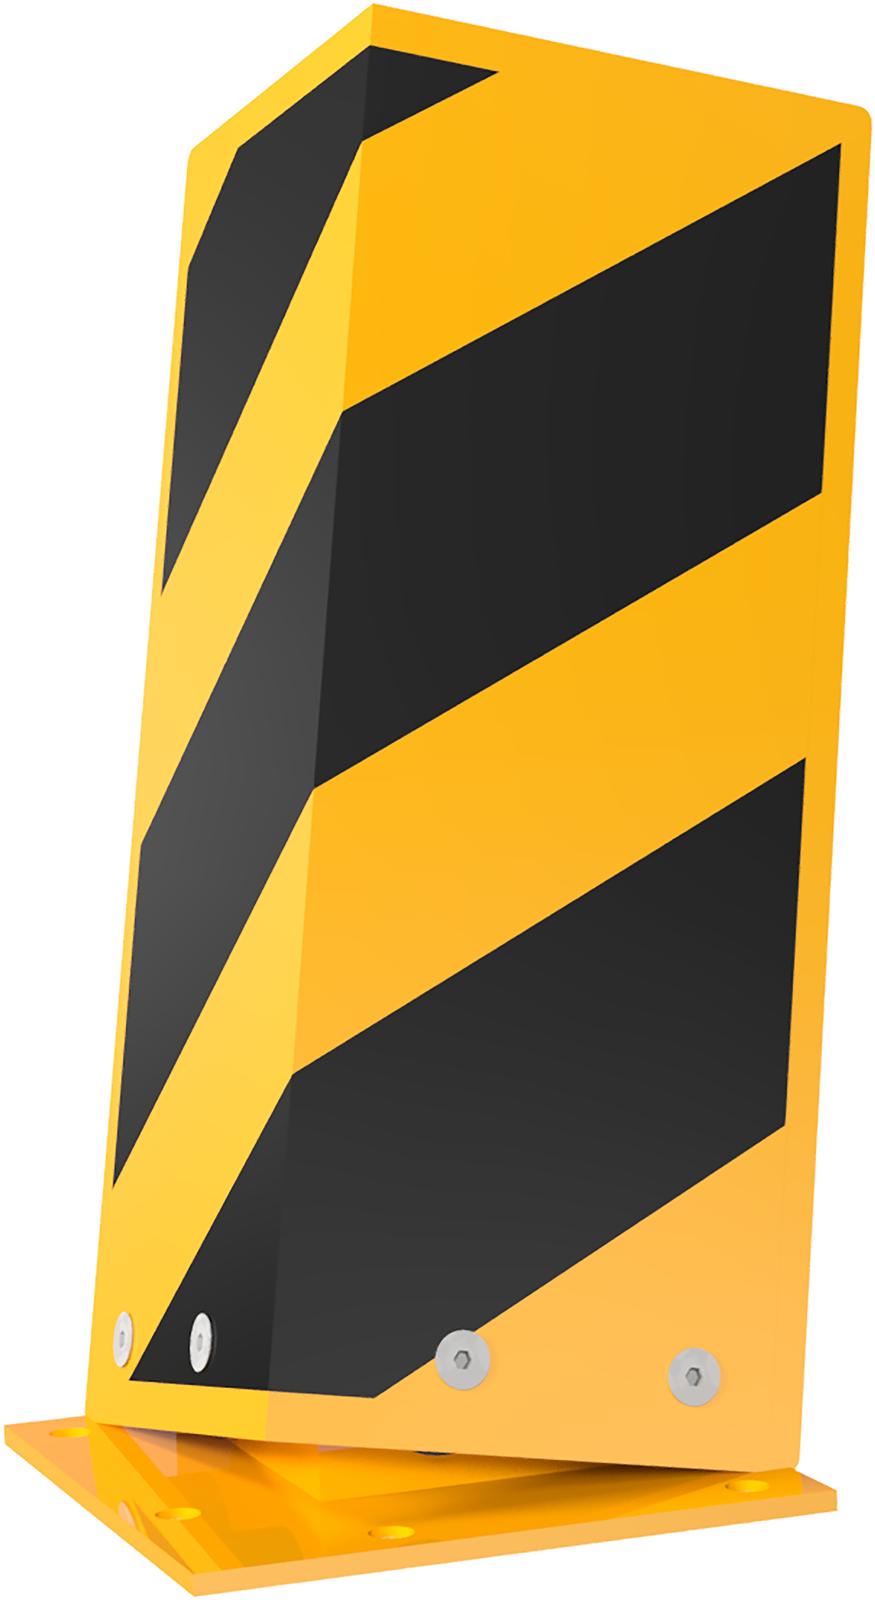 Schake Anfahrschutzwinkel Stahl neigbar gelb | schwarz - 400 mm